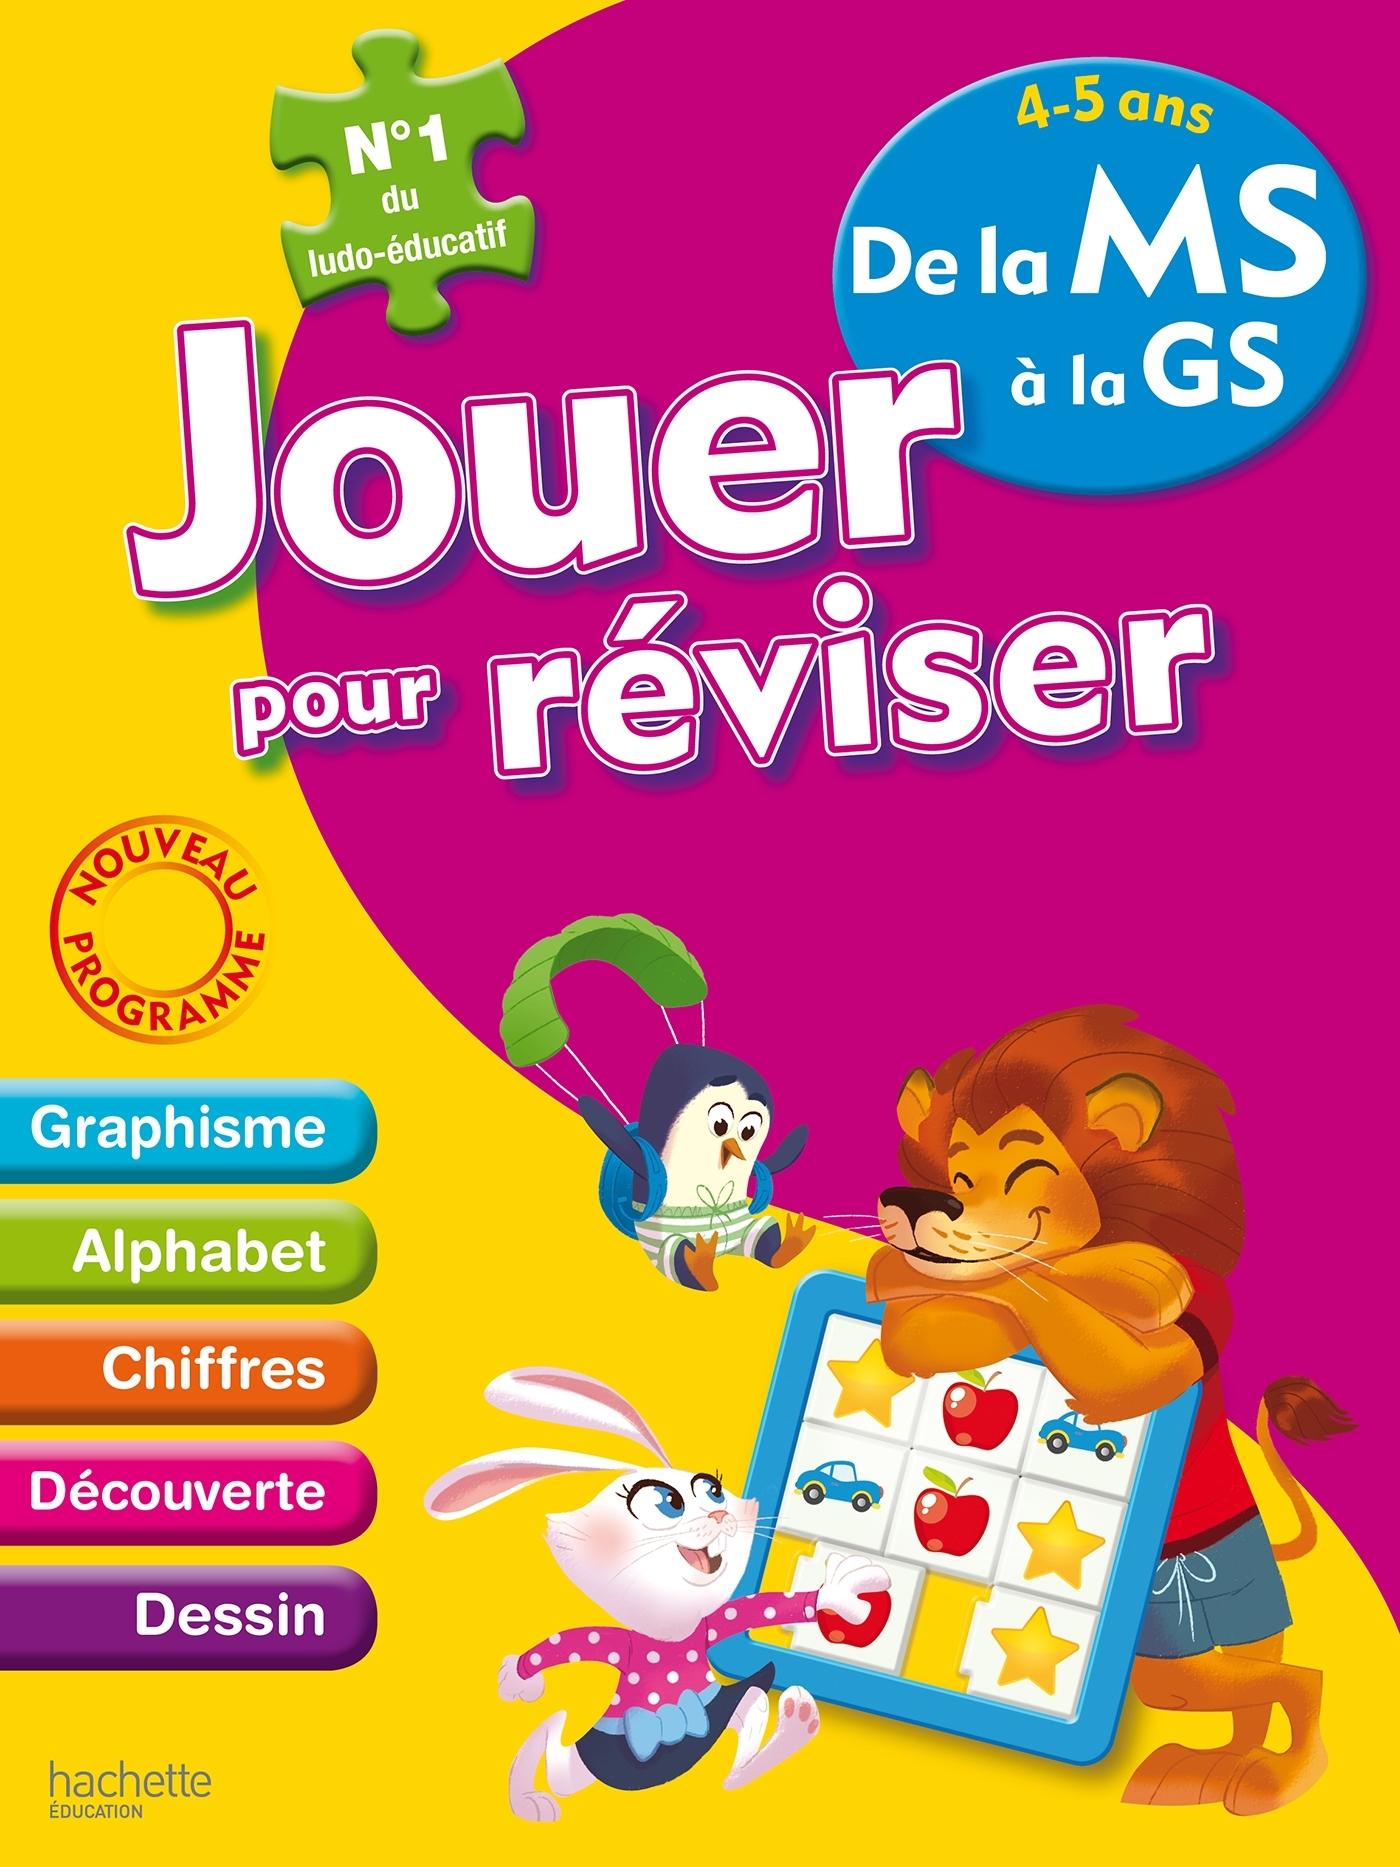 JOUER POUR REVISER - DE LA MOYENNE A LA GRANDE SECTION 4-5 ANS